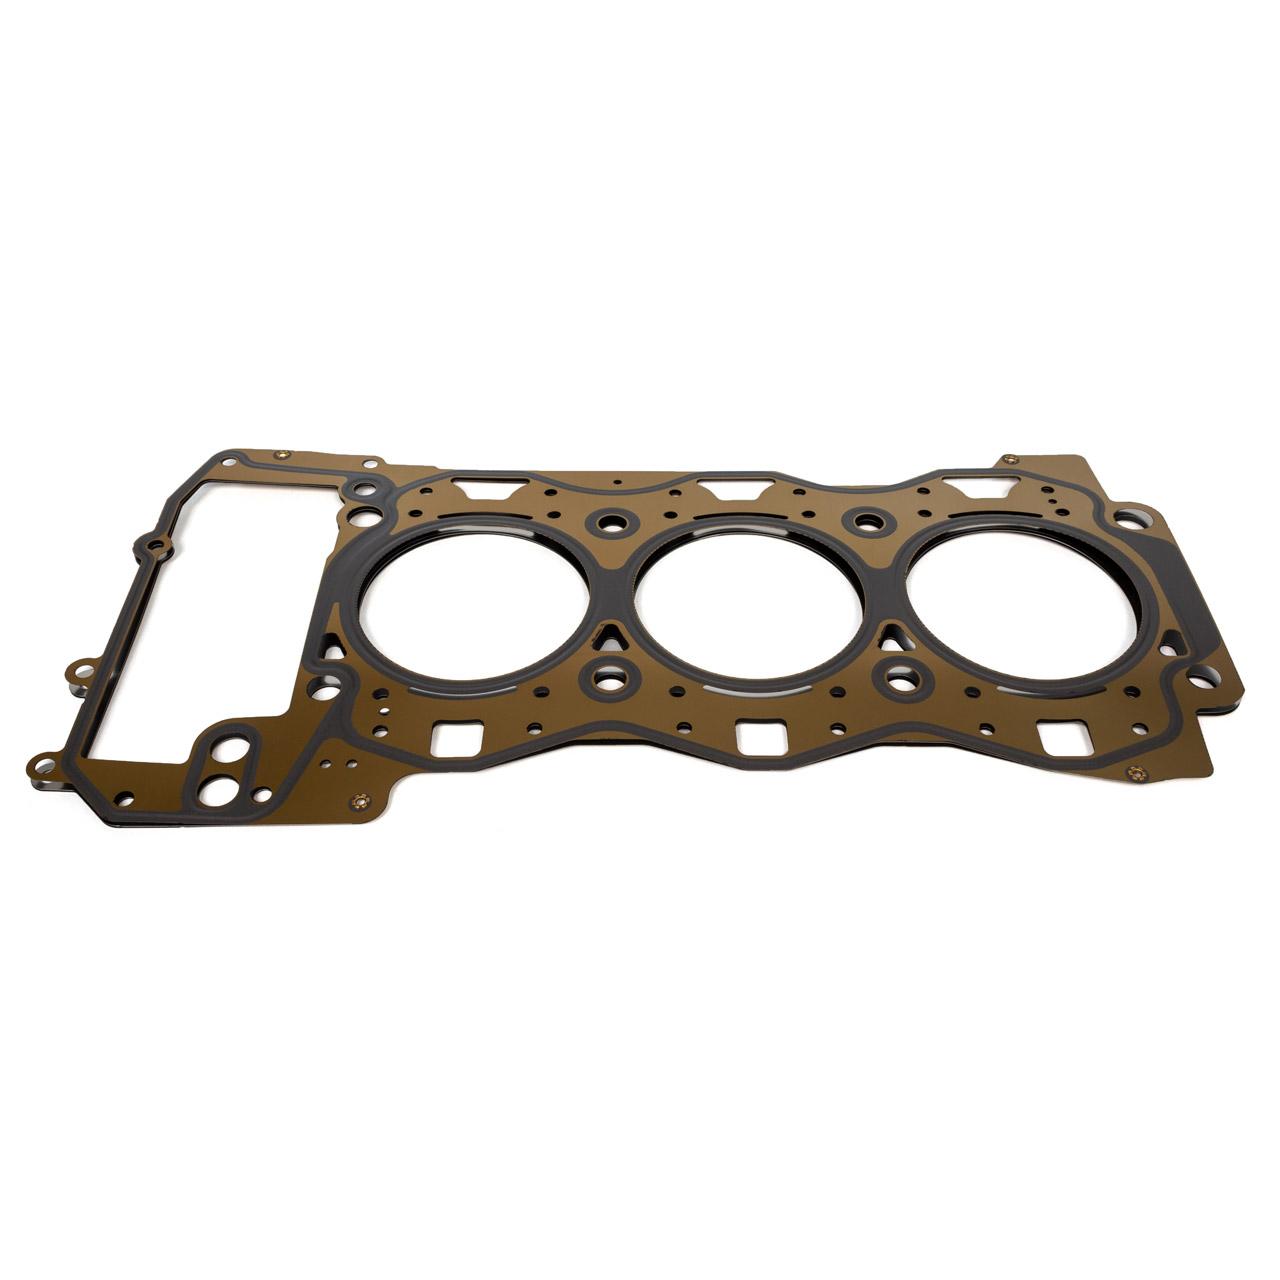 2x ELRING Zylinderkopfdichtung Zylinder 1-6 für PORSCHE 997 991 3.4/3.6 Carrera